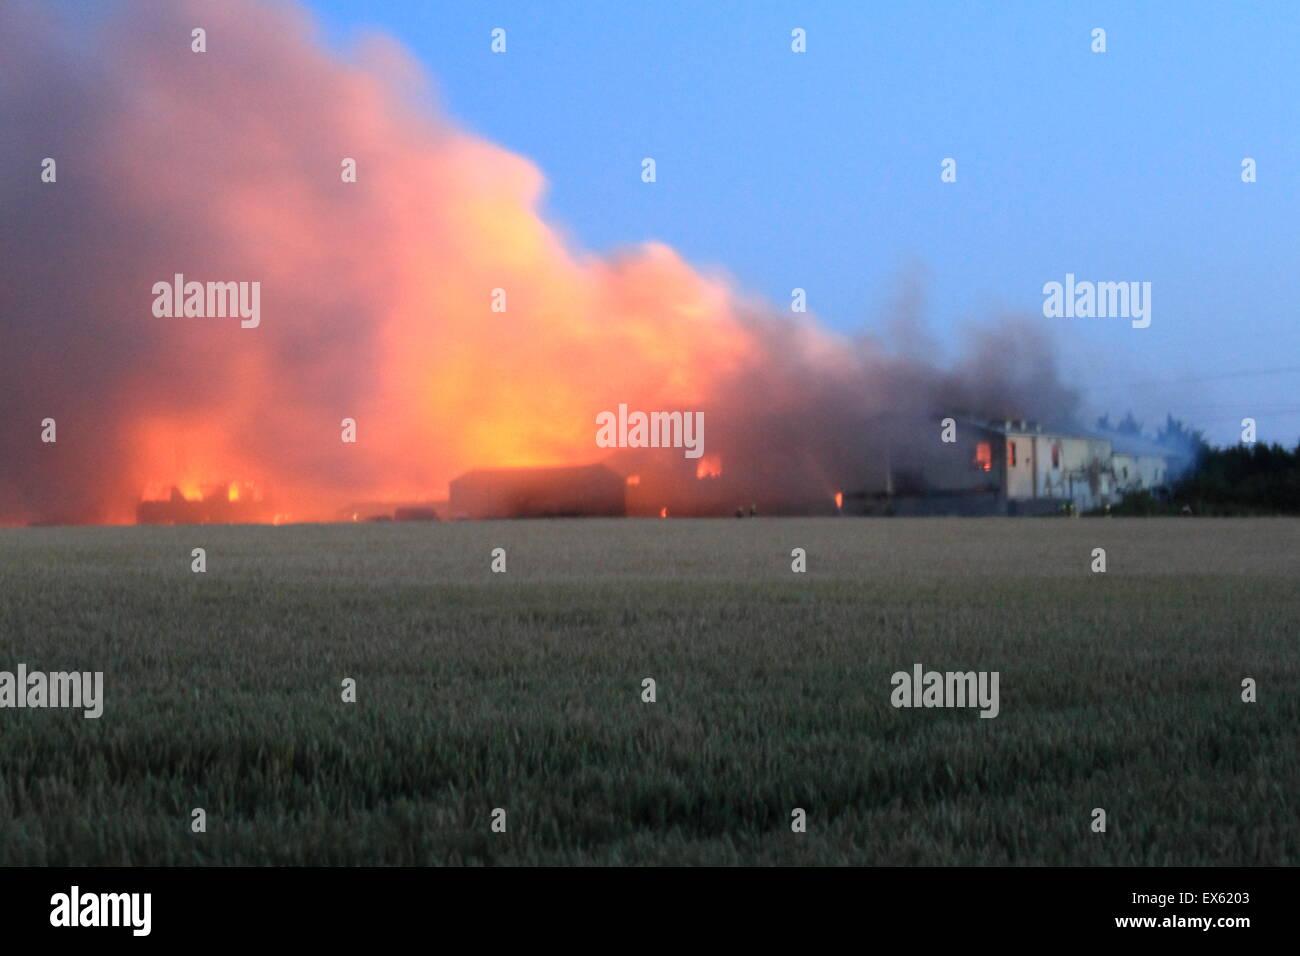 Rainham, Londres, Reino Unido. Martes, 7 de julio de 2015. Más de 80 bomberos abordar blaze en un astillero de palets en Rainham. 12 bomberos de tres bomberos fueron llamados a la escena alrededor de las 8:00pm el martes por la noche. Kent y Essex, bomberos y servicios de rescate fueron llamados para ayudar a afrontar la Brigada de Bomberos de Londres Blaze. Una pila de palets y un número de edificios están implicados en el incendio. Formulario de humo el incendio podría ser visto por millas alrededor de vientos atizado las llamas. No hay informes de lesiones y la causa de la llamarada no se conoce todavía. Foto de stock